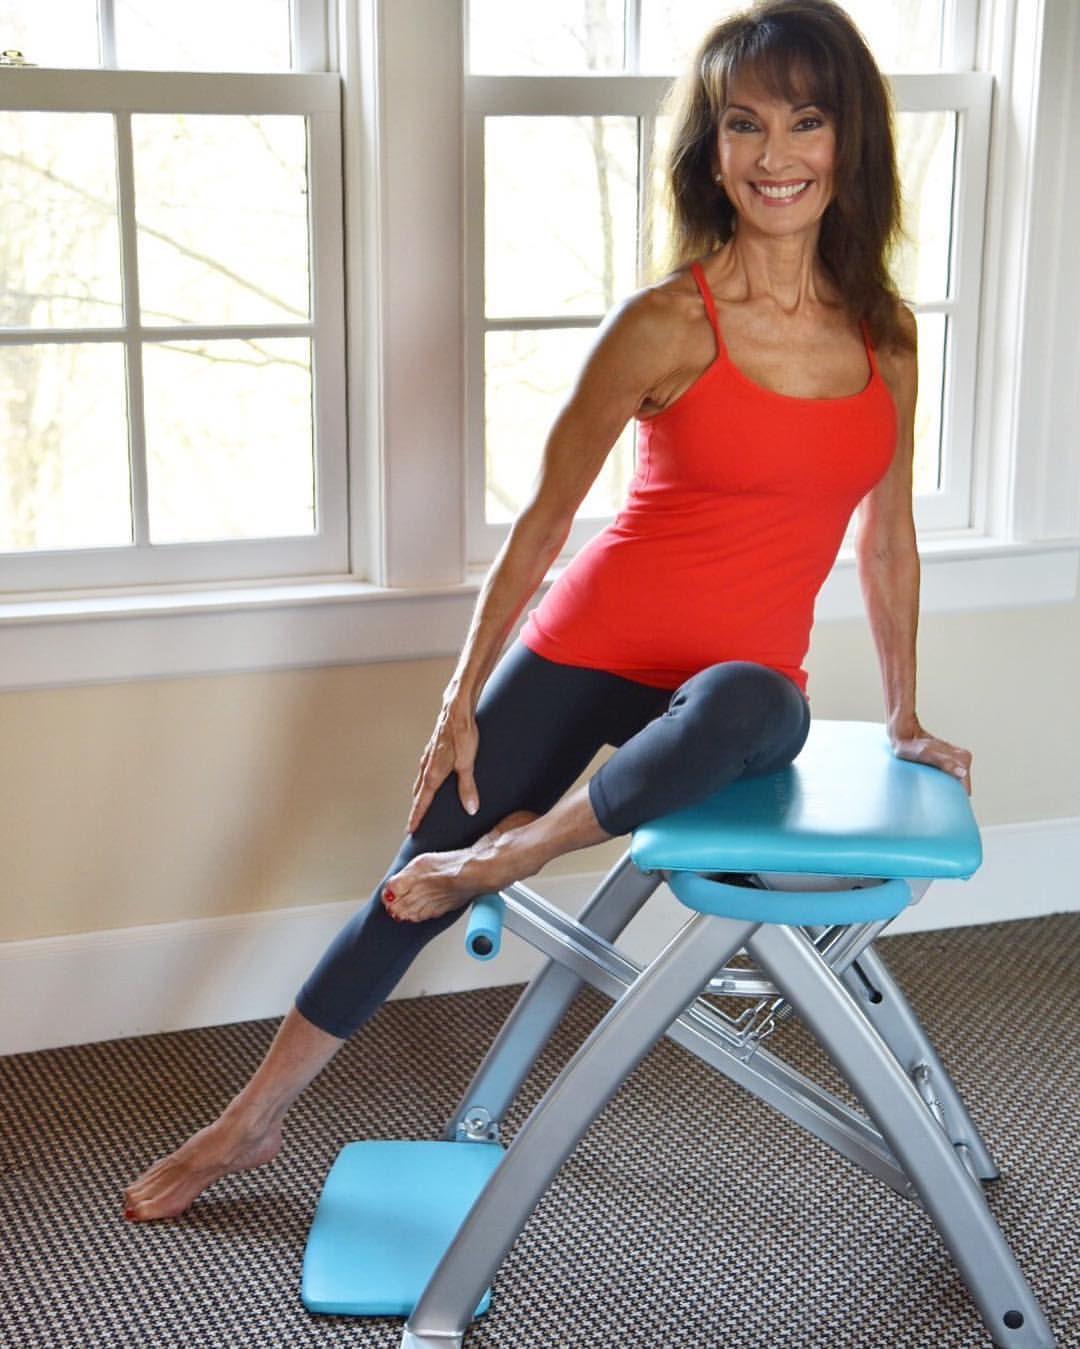 malibu pilates chair plastic feet for legs Épinglé par nadinne ziegler sur pinterest